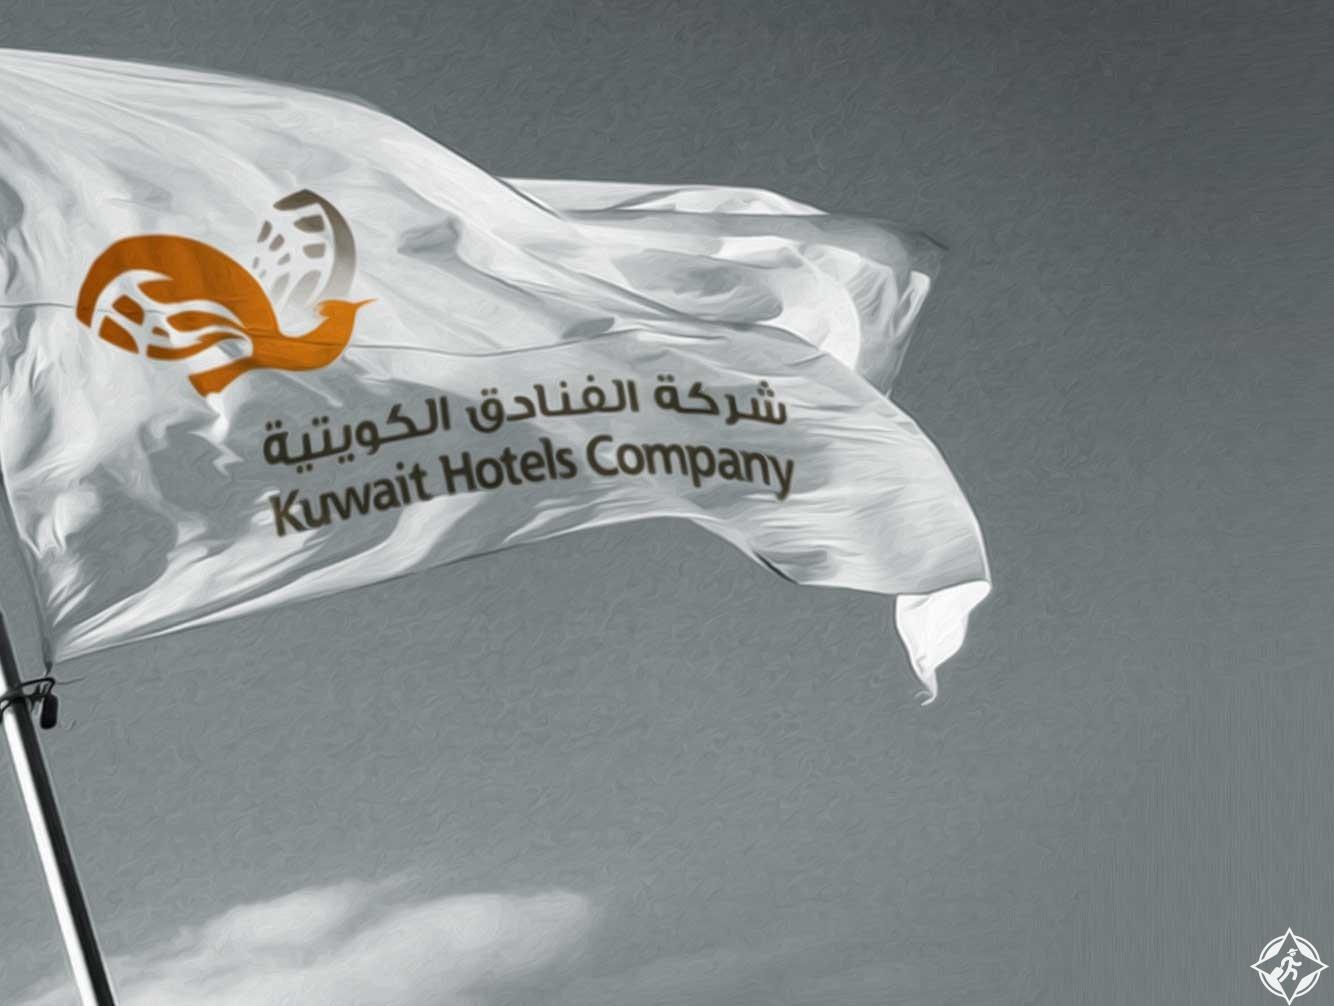 شركة الفنادق الكويتية